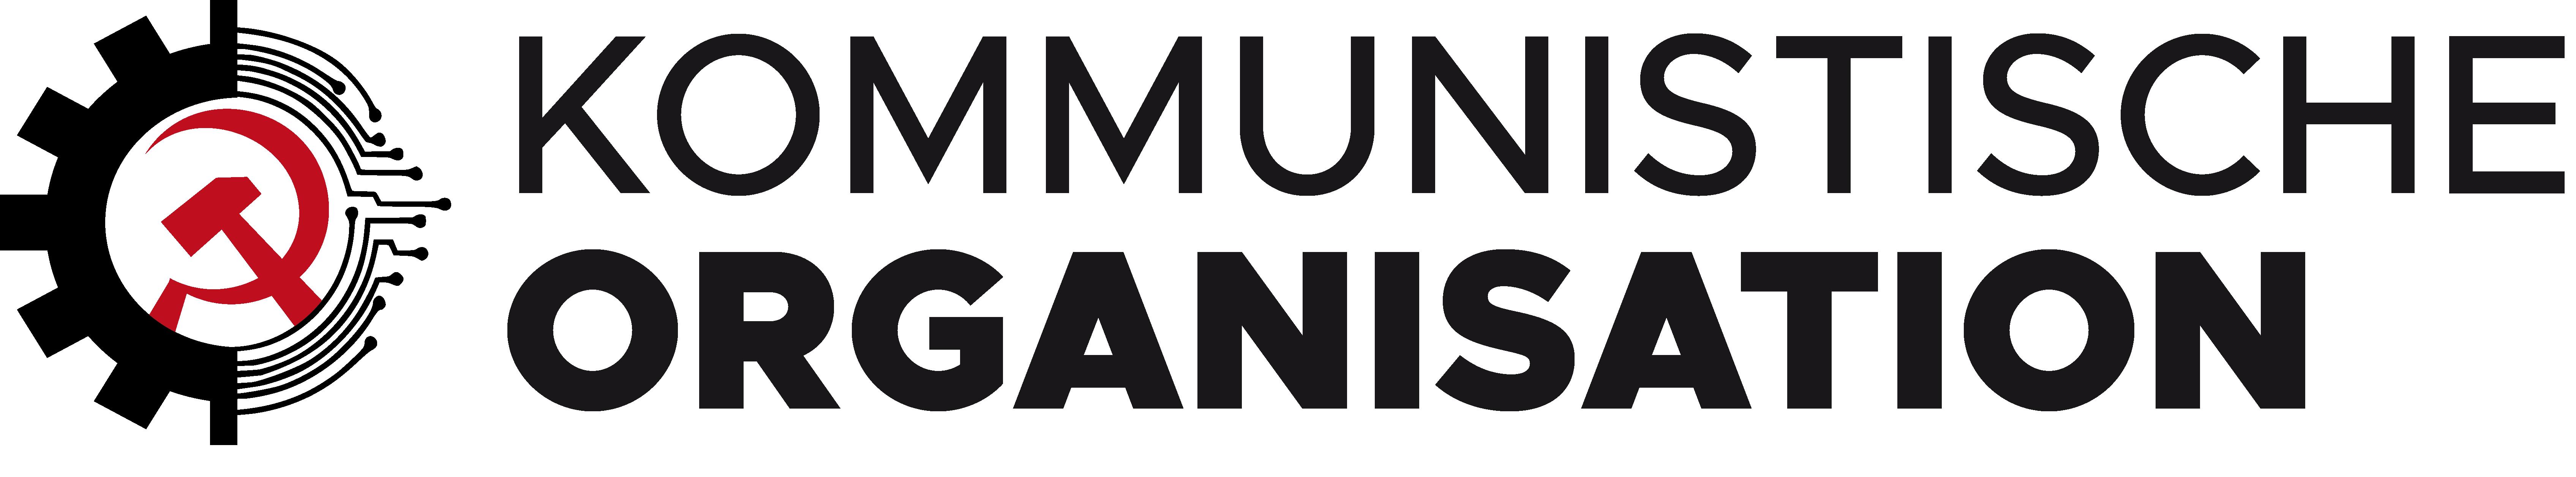 Kommunistische Organisation